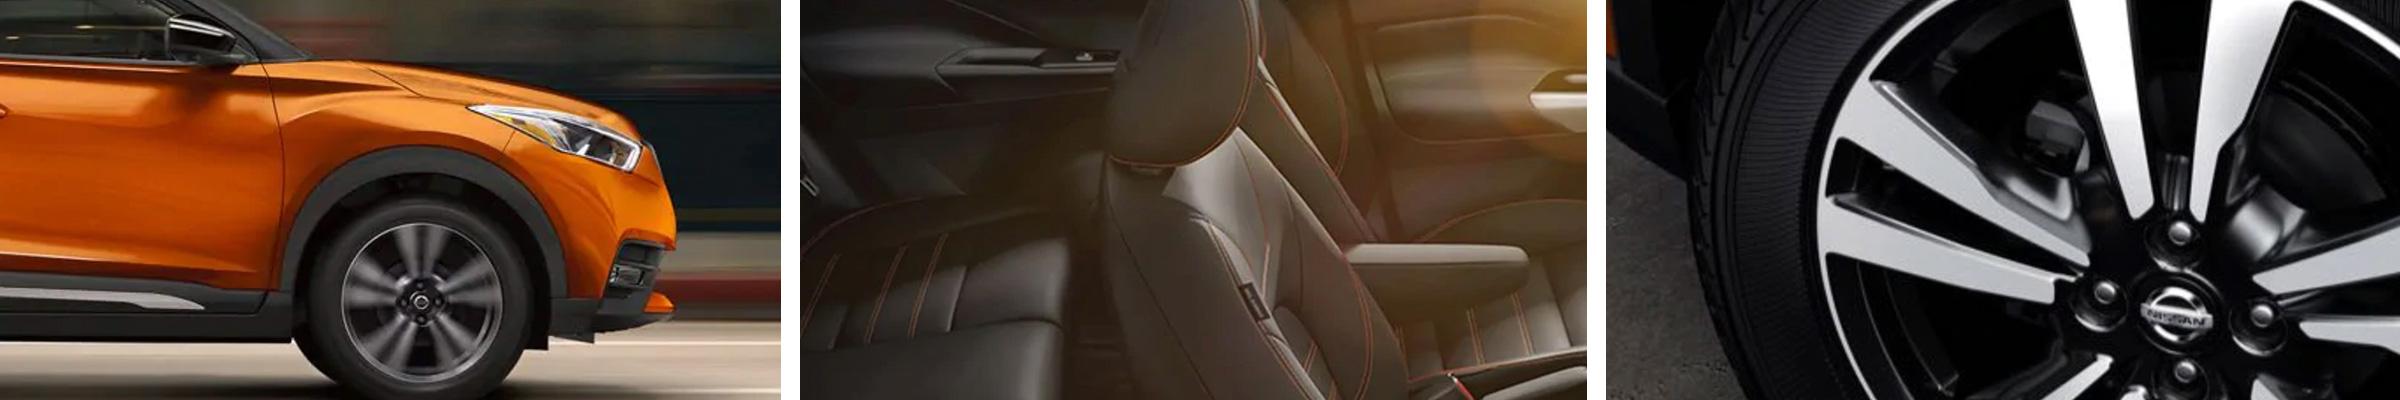 2020 Nissan Kicks For Sale Fort Collins CO | Loveland